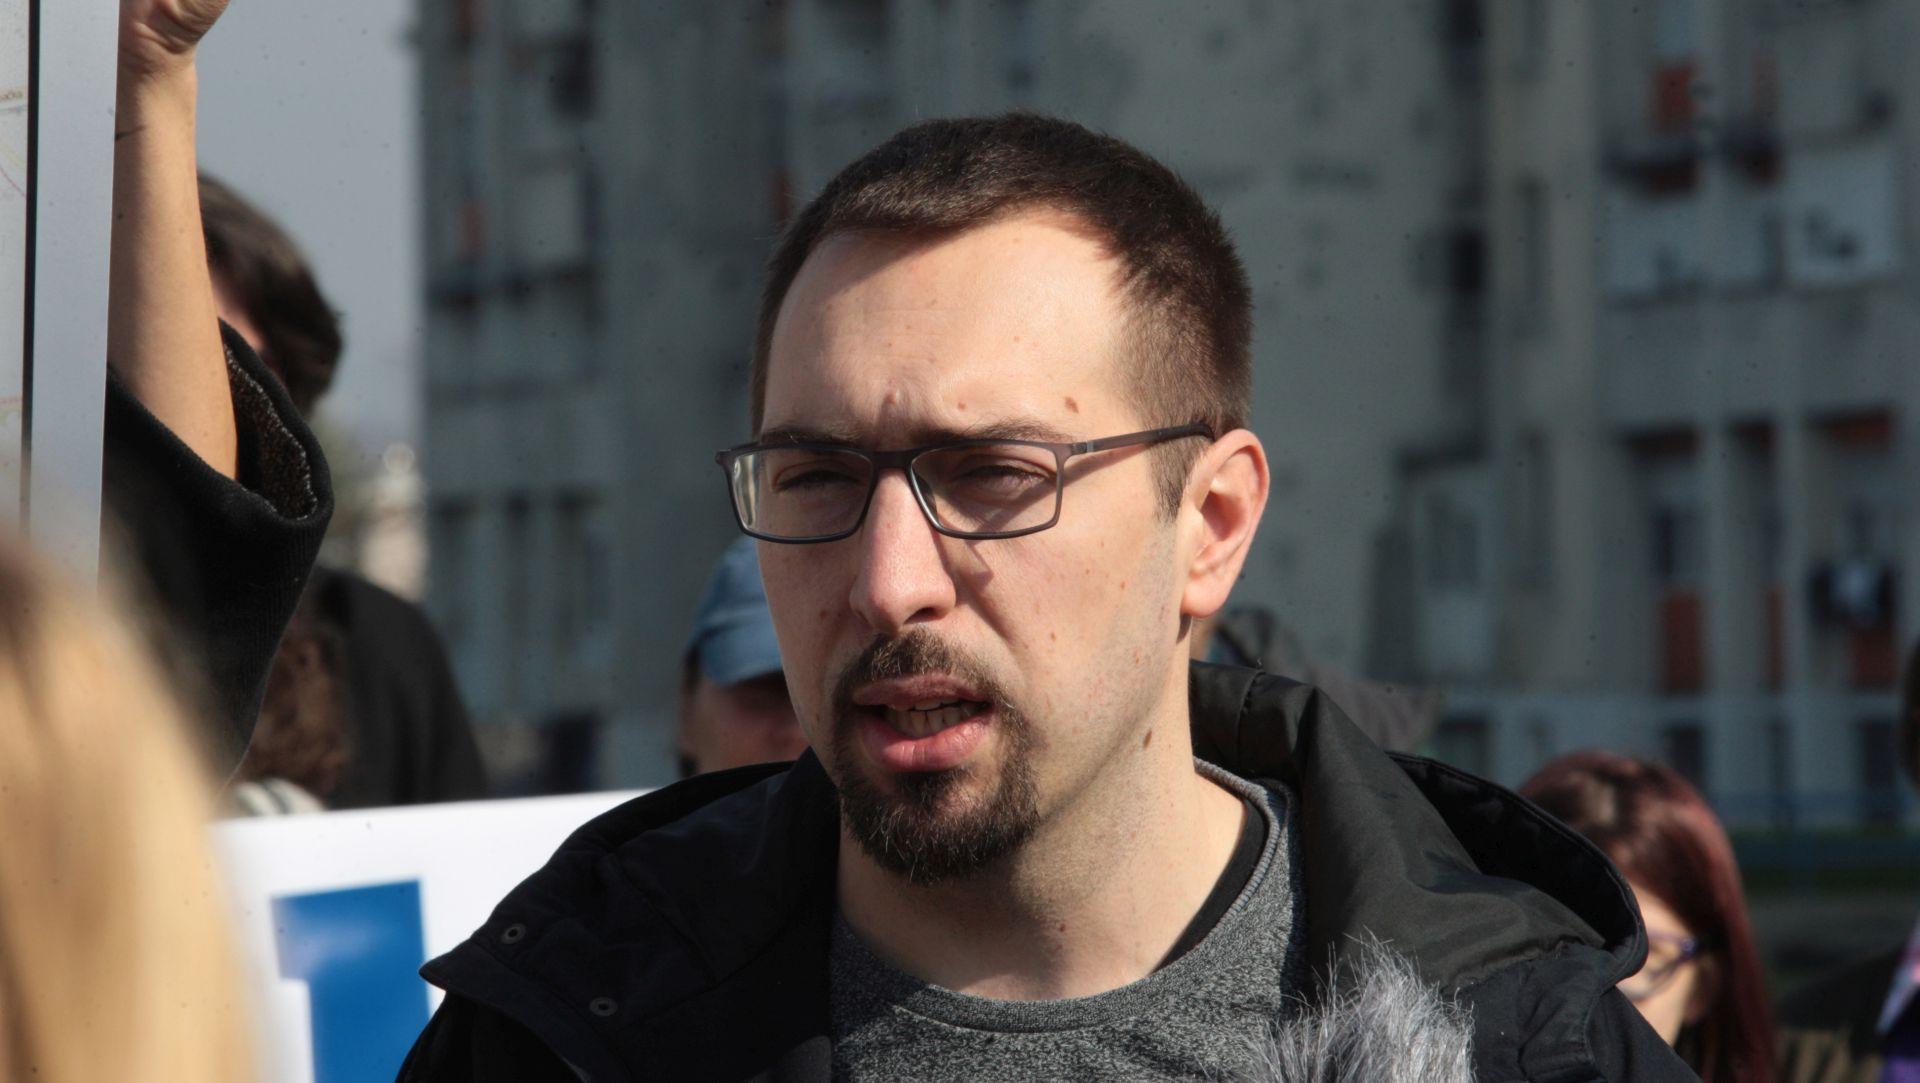 INTERVJU: TOMAŠEVIĆ 'Prestat ćemo financirati Dinamo i početi mu naplaćivati najam Maksimirskog stadiona'